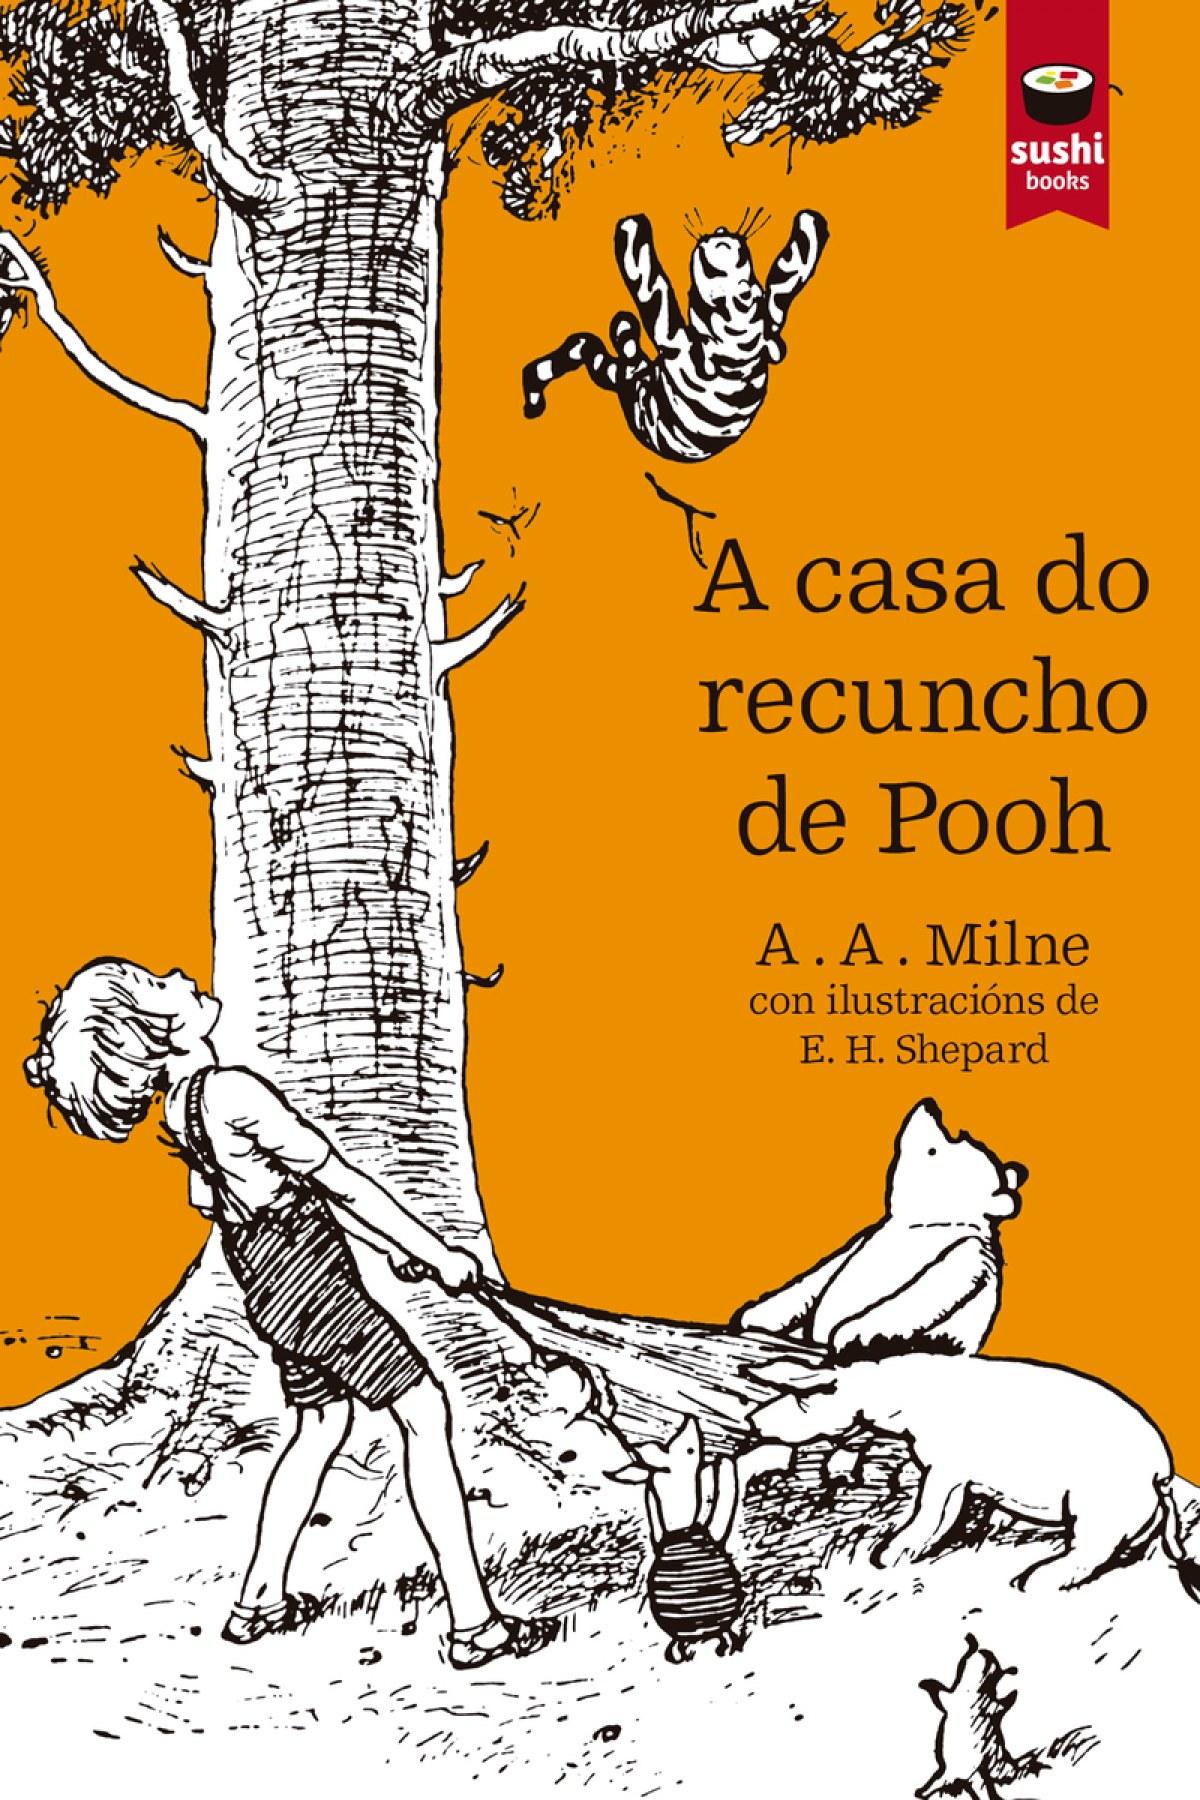 A casa do recuncho de Pooh